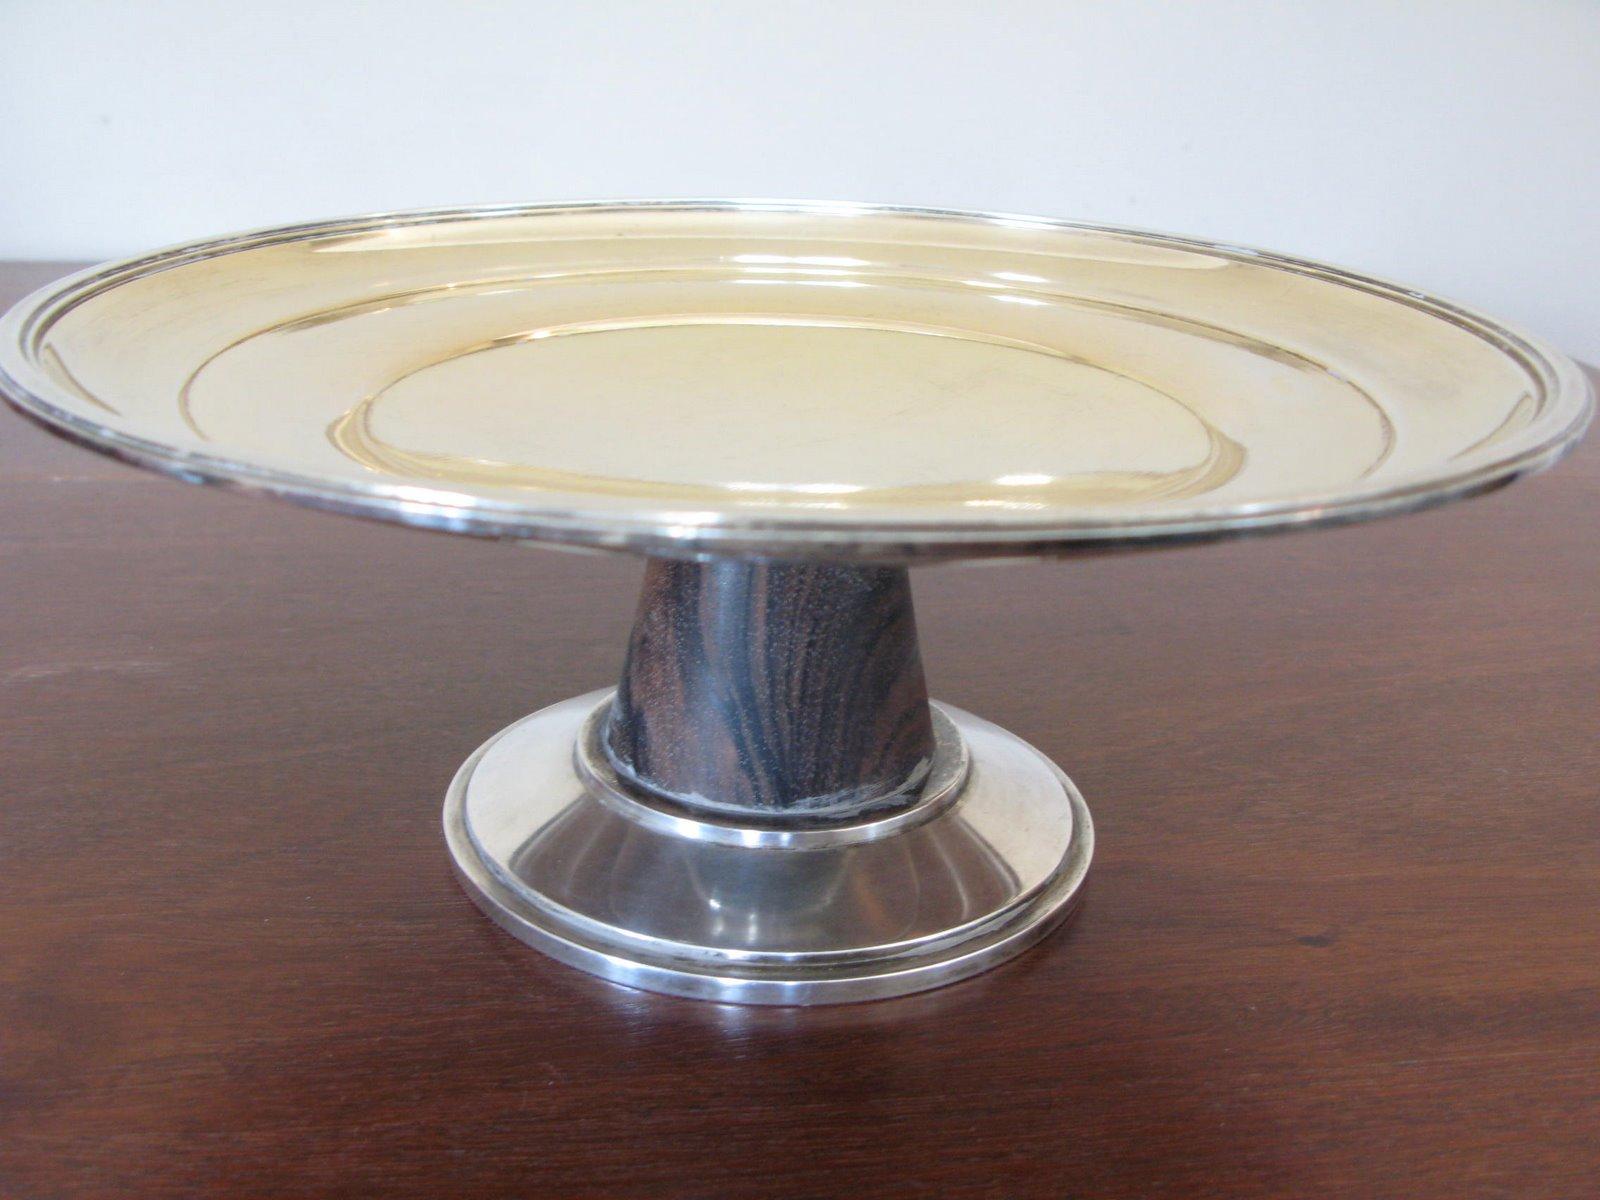 tout un appartement vider mobilier vaisselle d coration bonnes occasions plat dessert. Black Bedroom Furniture Sets. Home Design Ideas